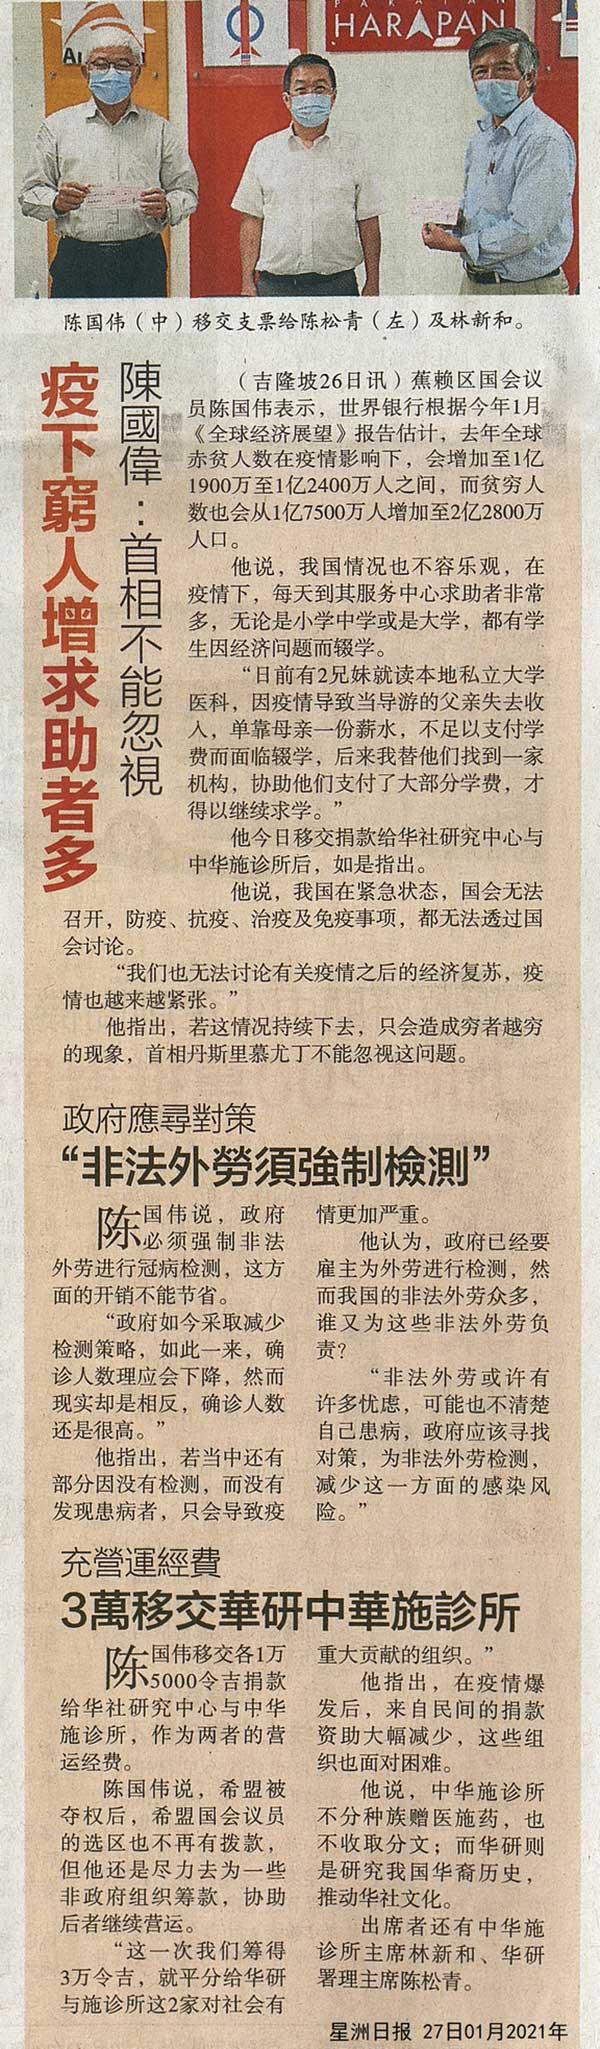 2021.1.26 剪报:蕉赖区国会议员陈国伟移交RM15,000捐款给本中心作为营运经费.tif